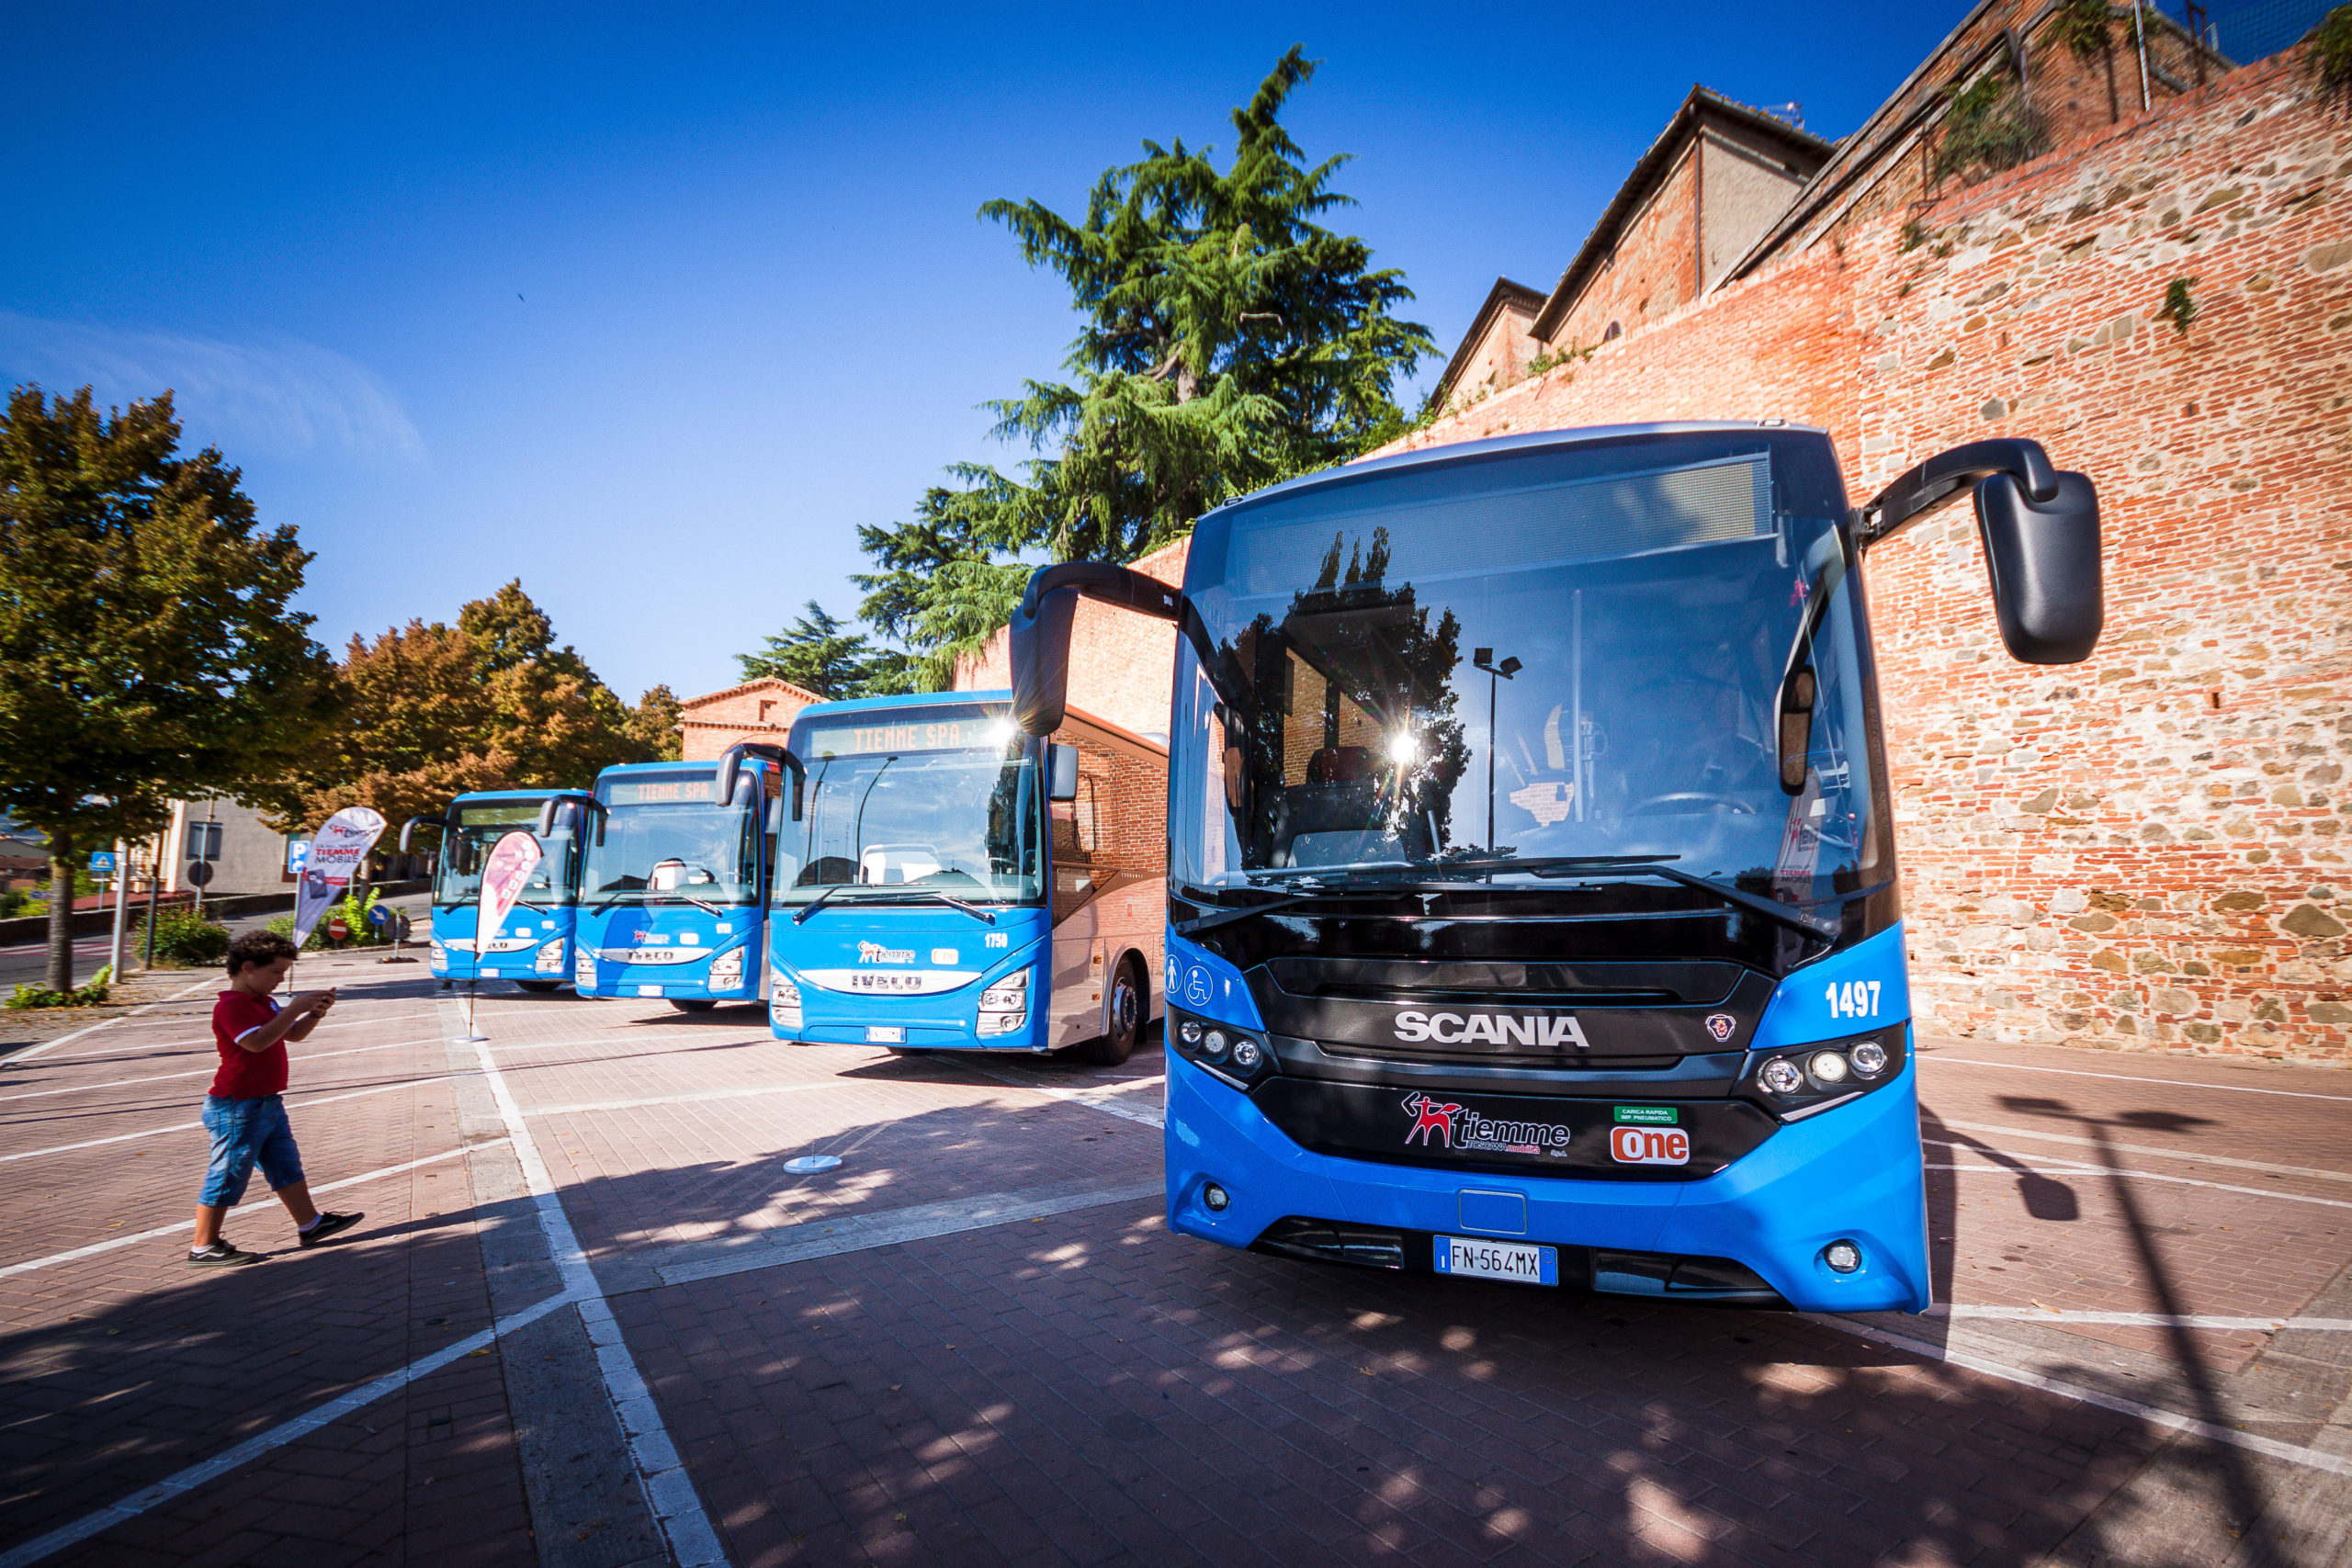 Scuole al via, Tiemme pronta al potenziamento dei servizi bus con 39 bus aggiuntivi